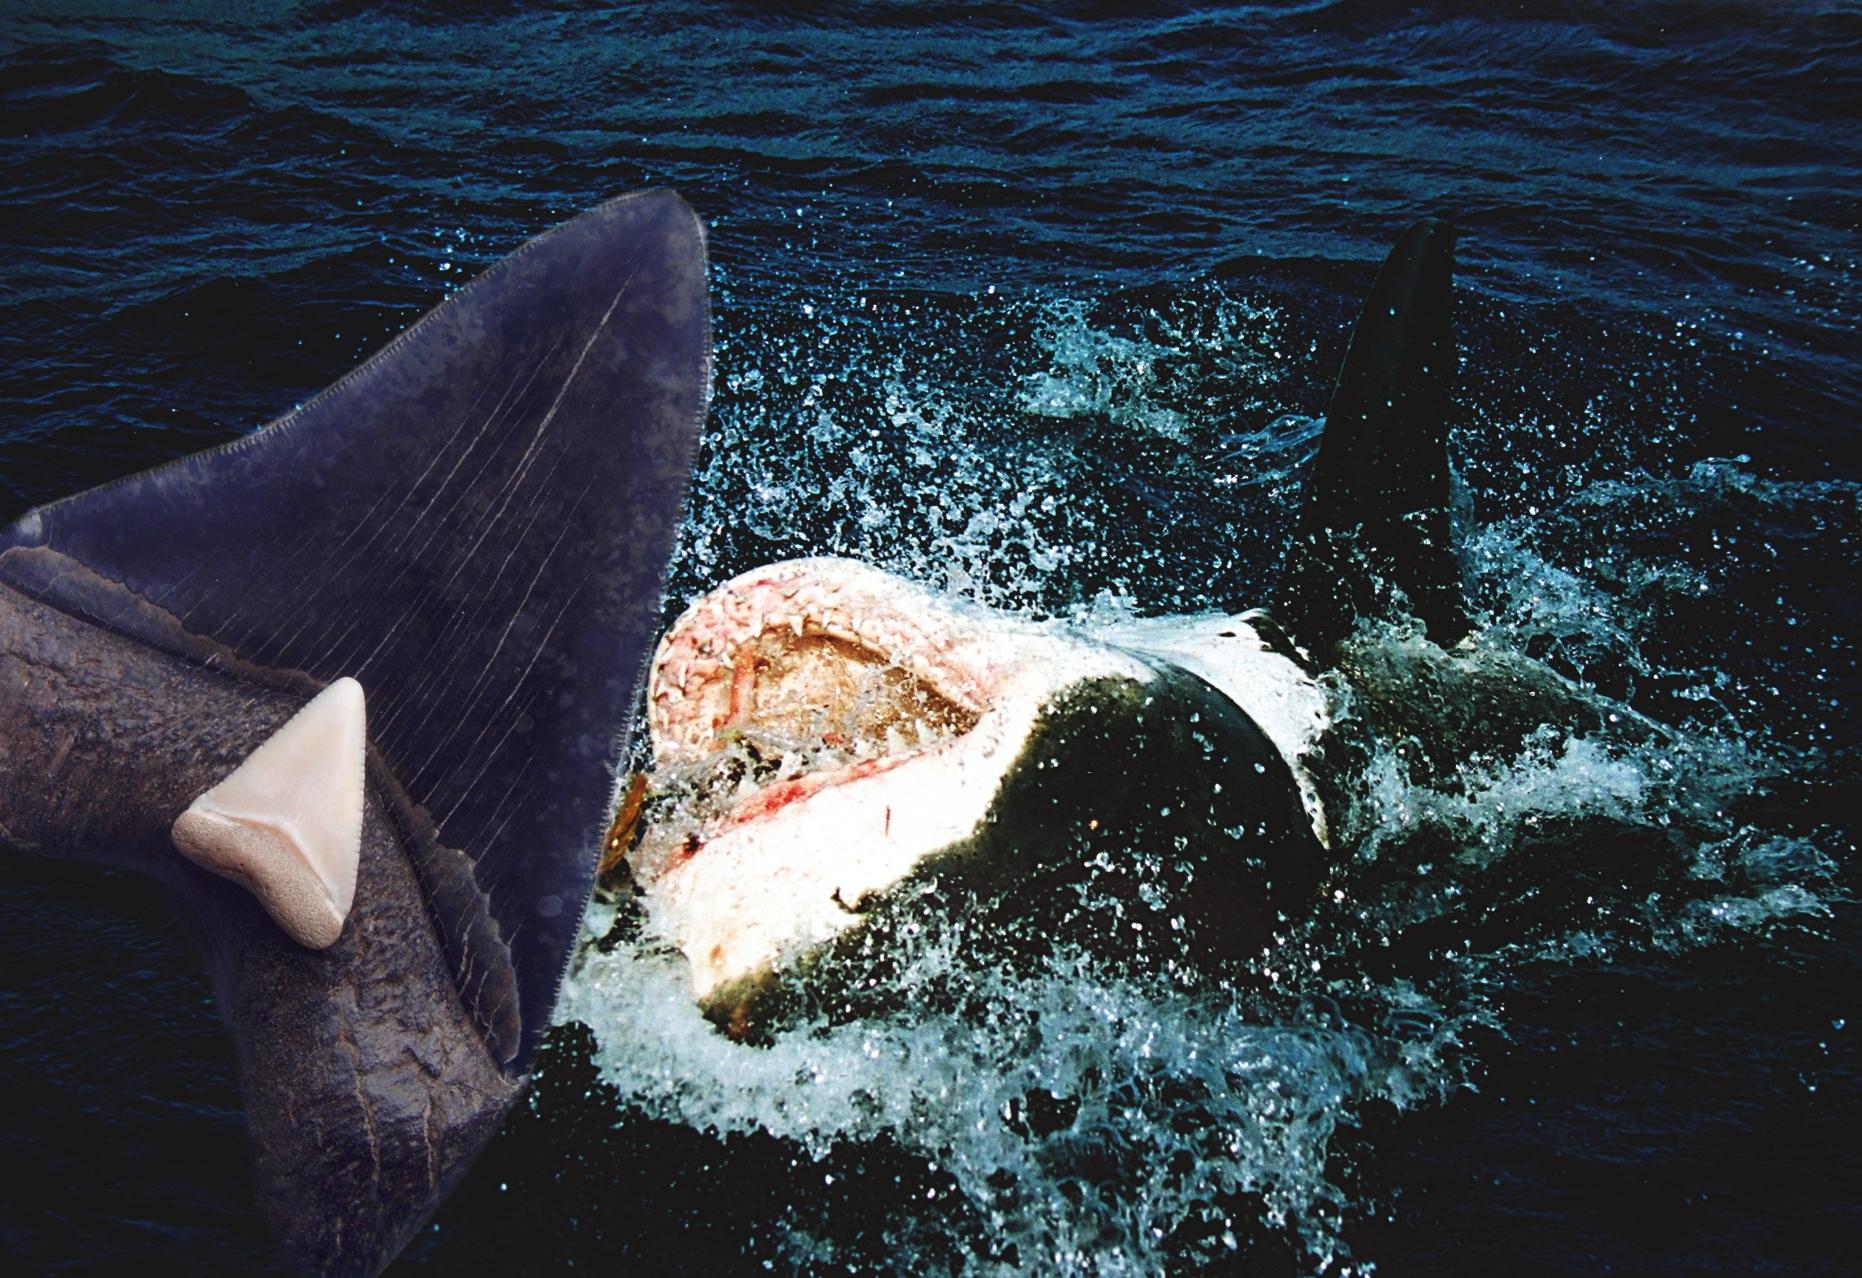 Megalodon Great White Shark